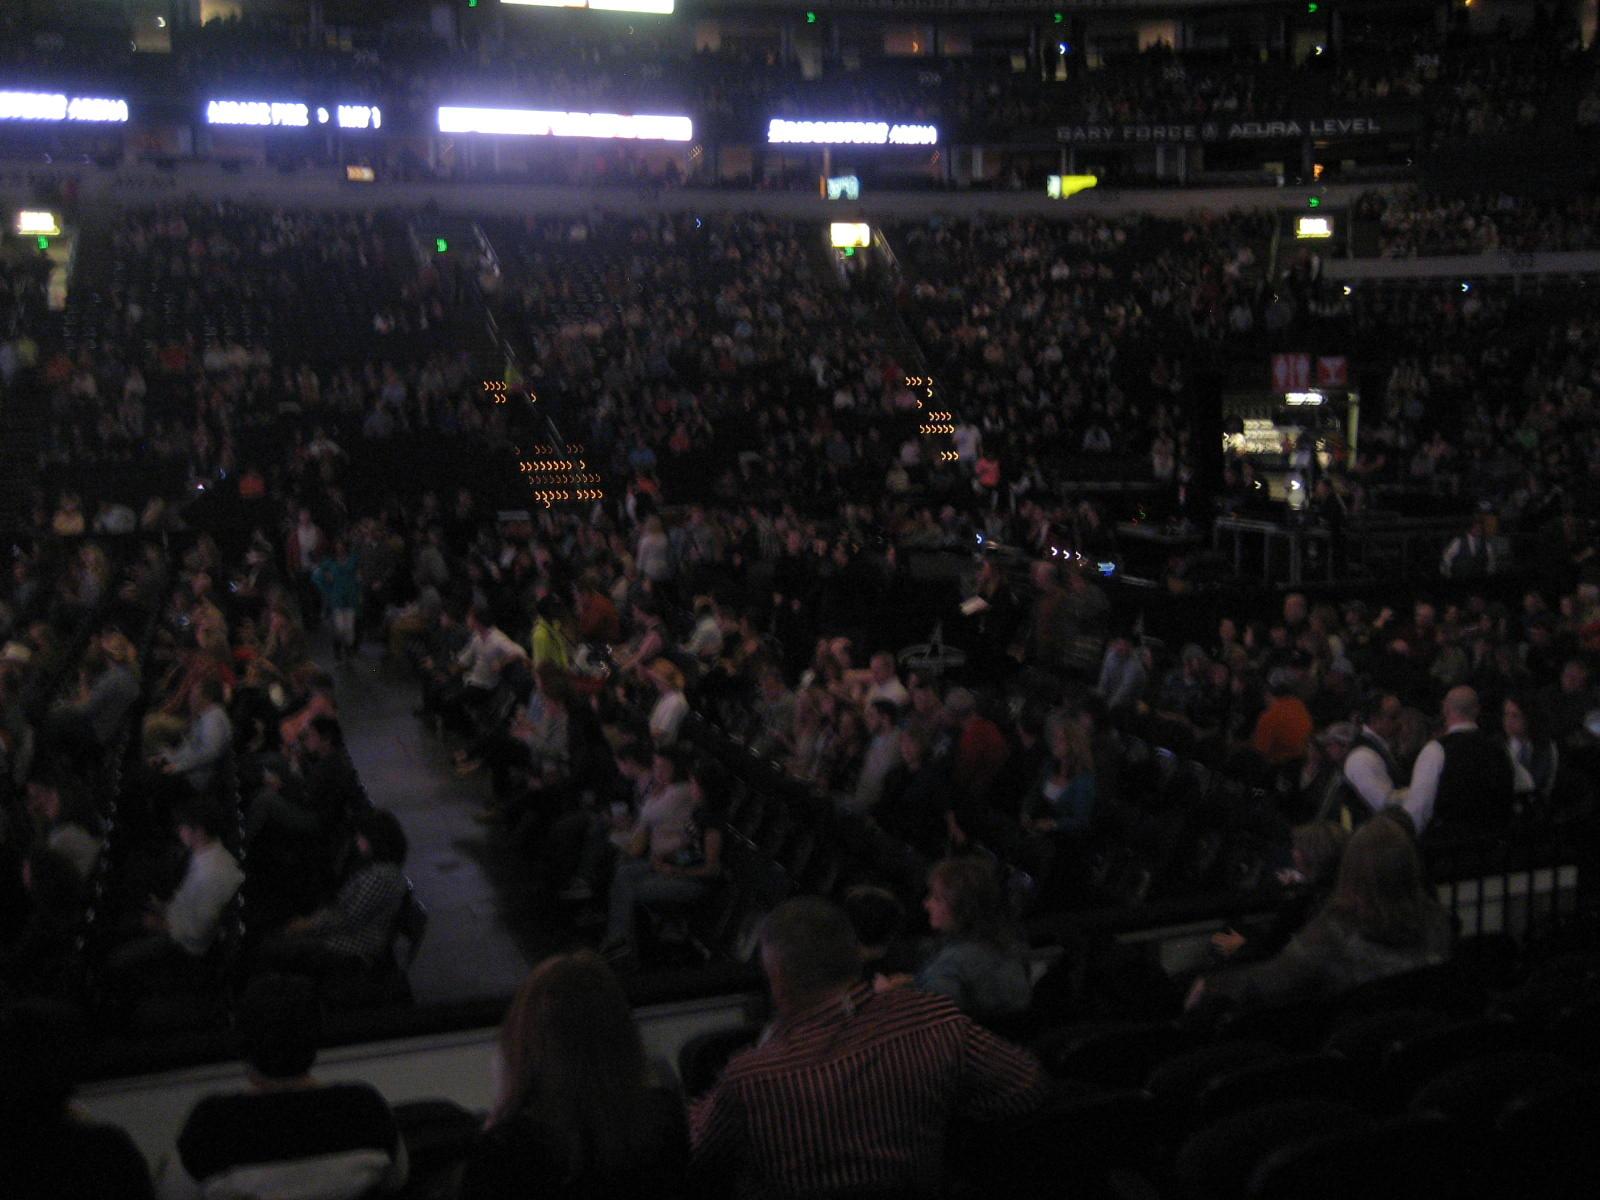 Floor 2 At Bridgestone Arena For Concerts Rateyourseats Com